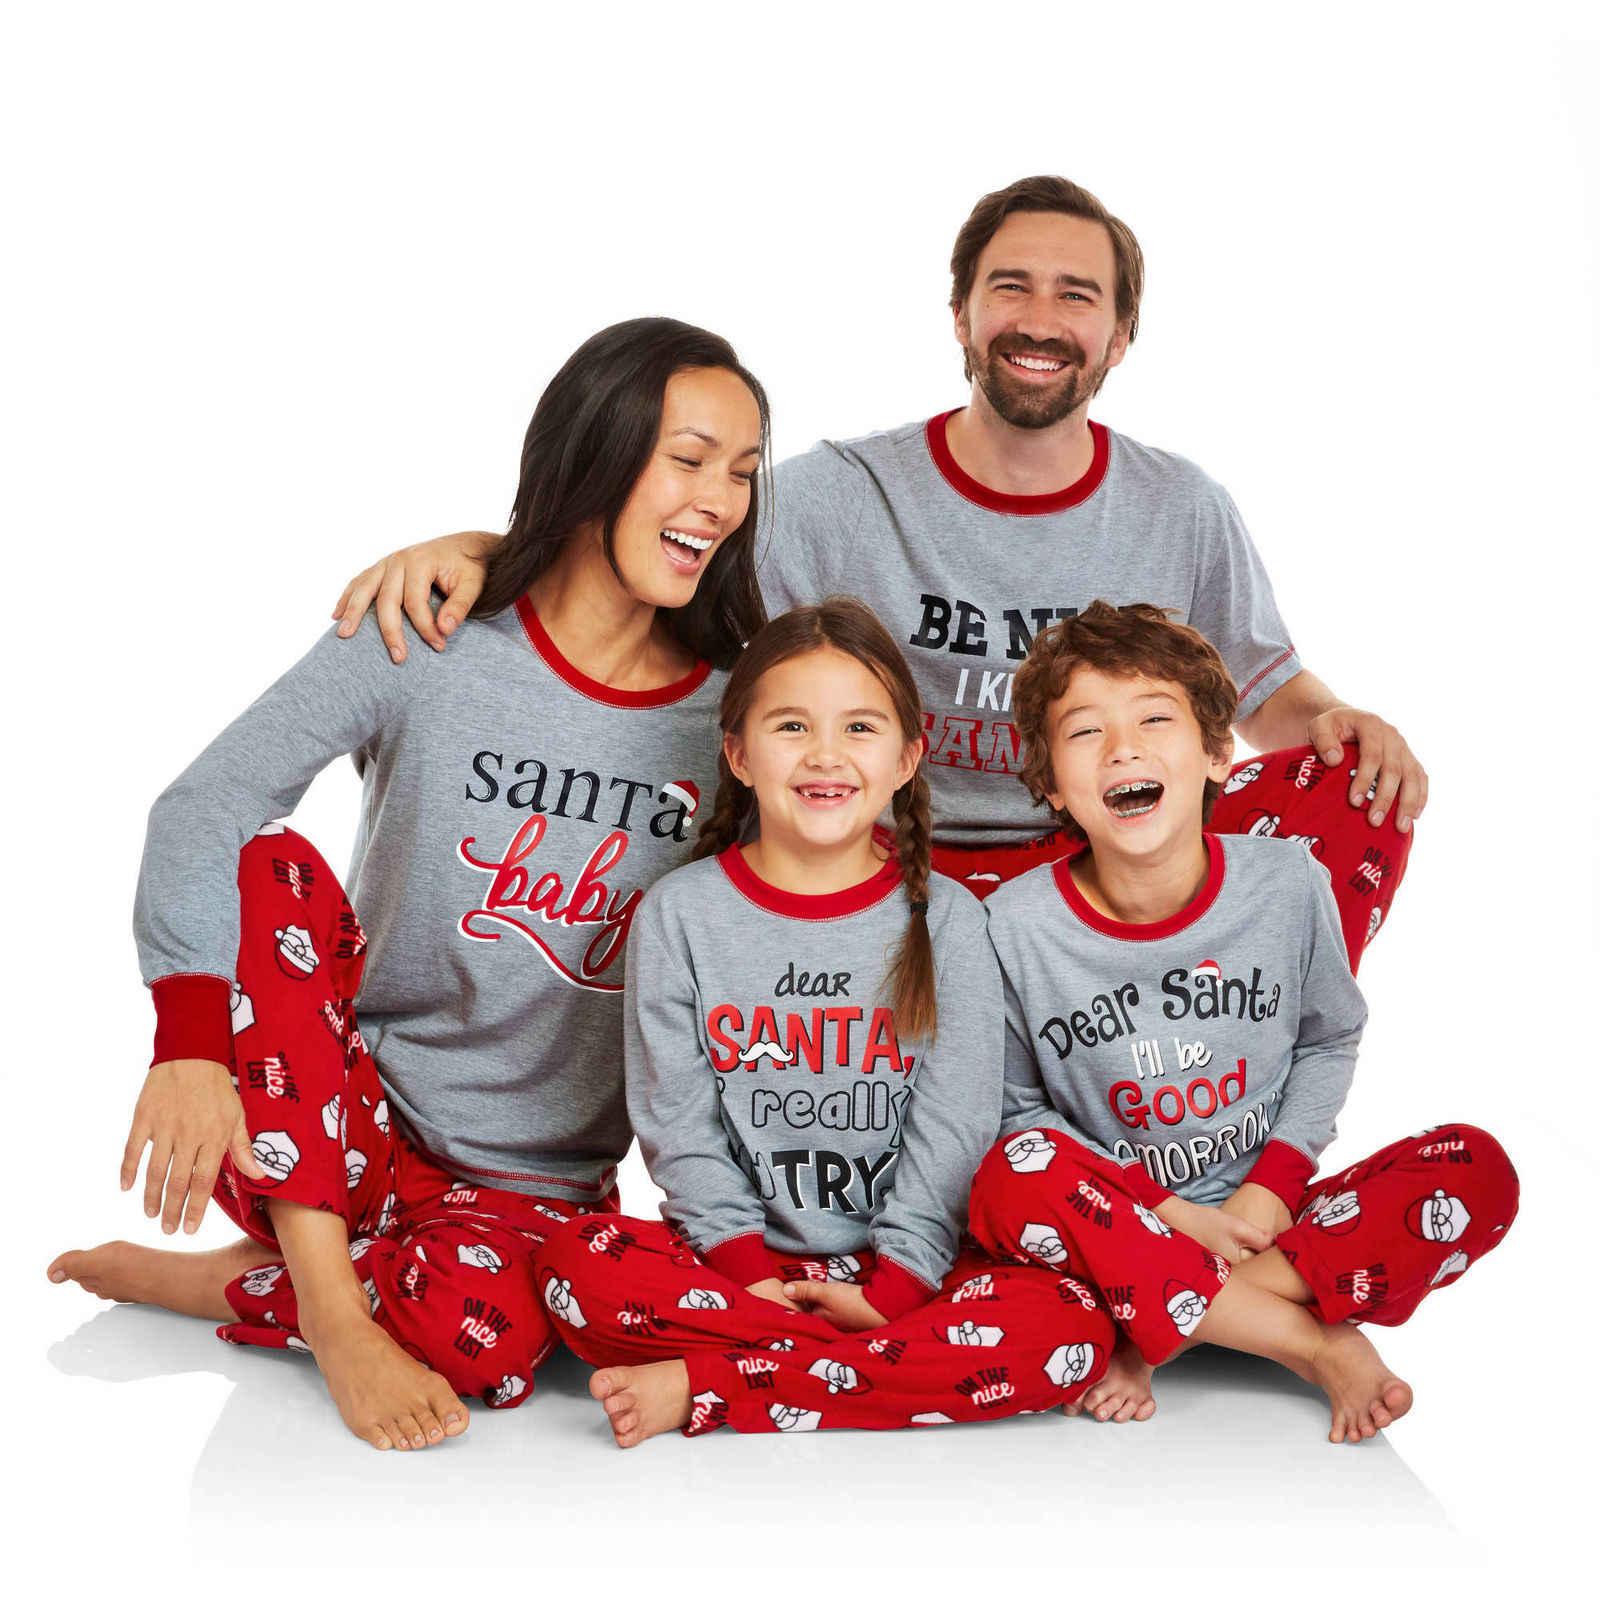 311b2359e8fc PUDCOCO Pop 2018 familia juego de pijamas de Navidad conjunto mujeres  hombres bebé niño niña ciervo